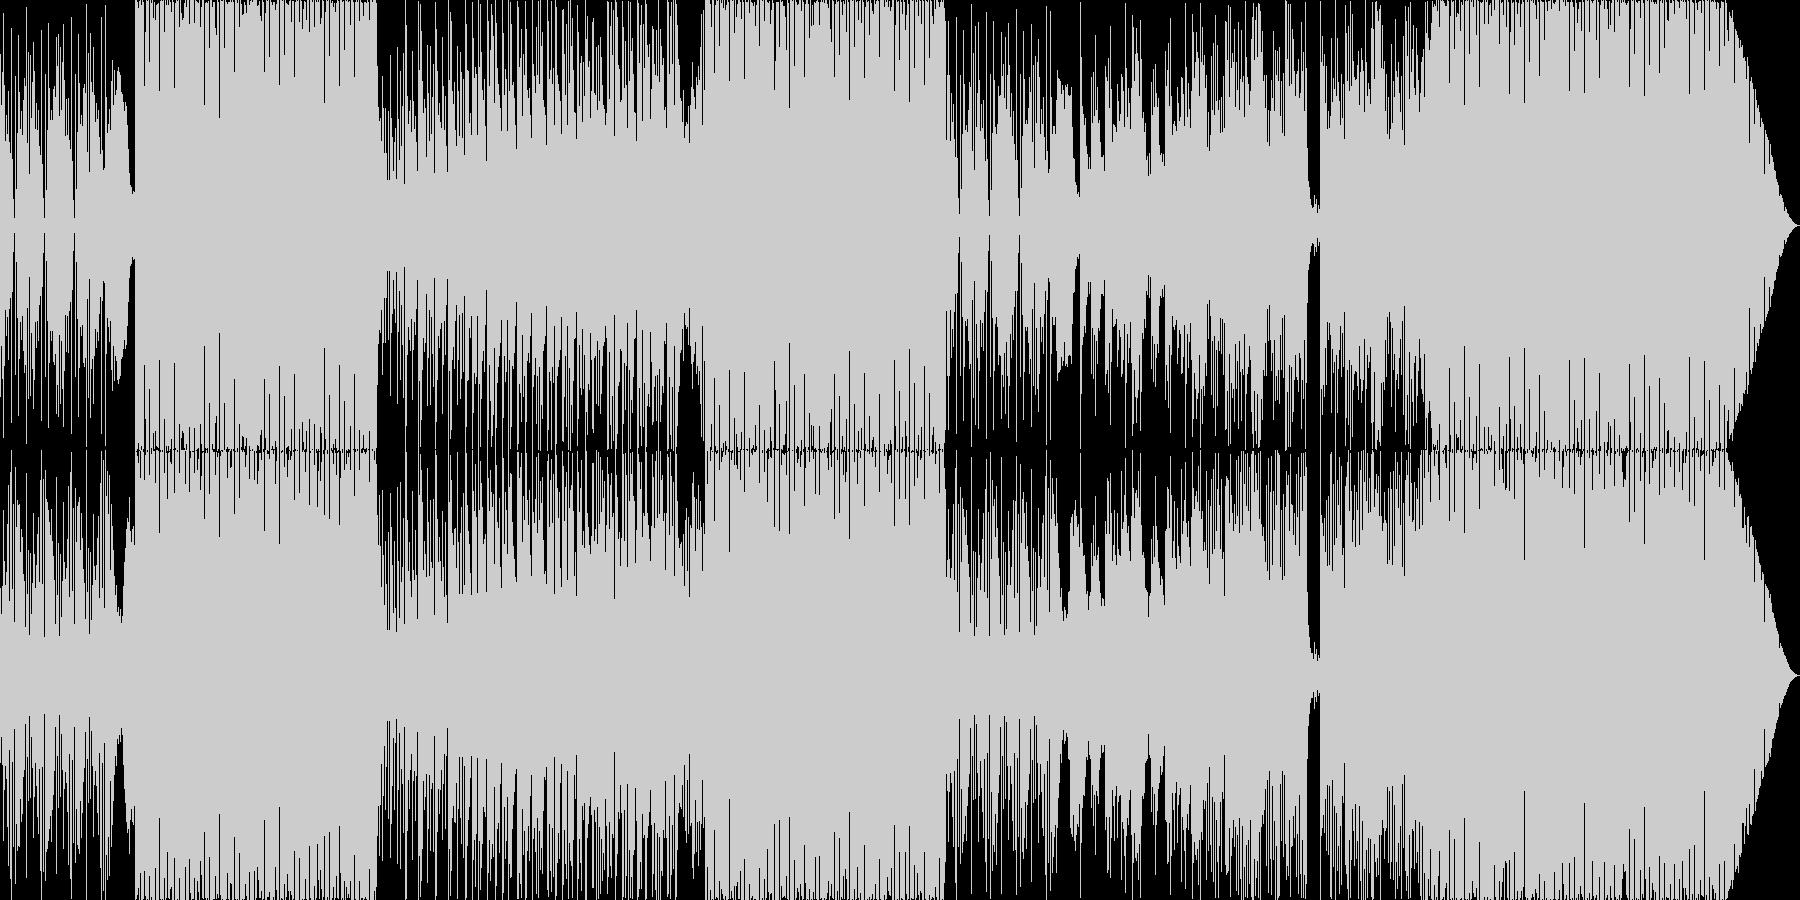 さわやかなEDMの未再生の波形